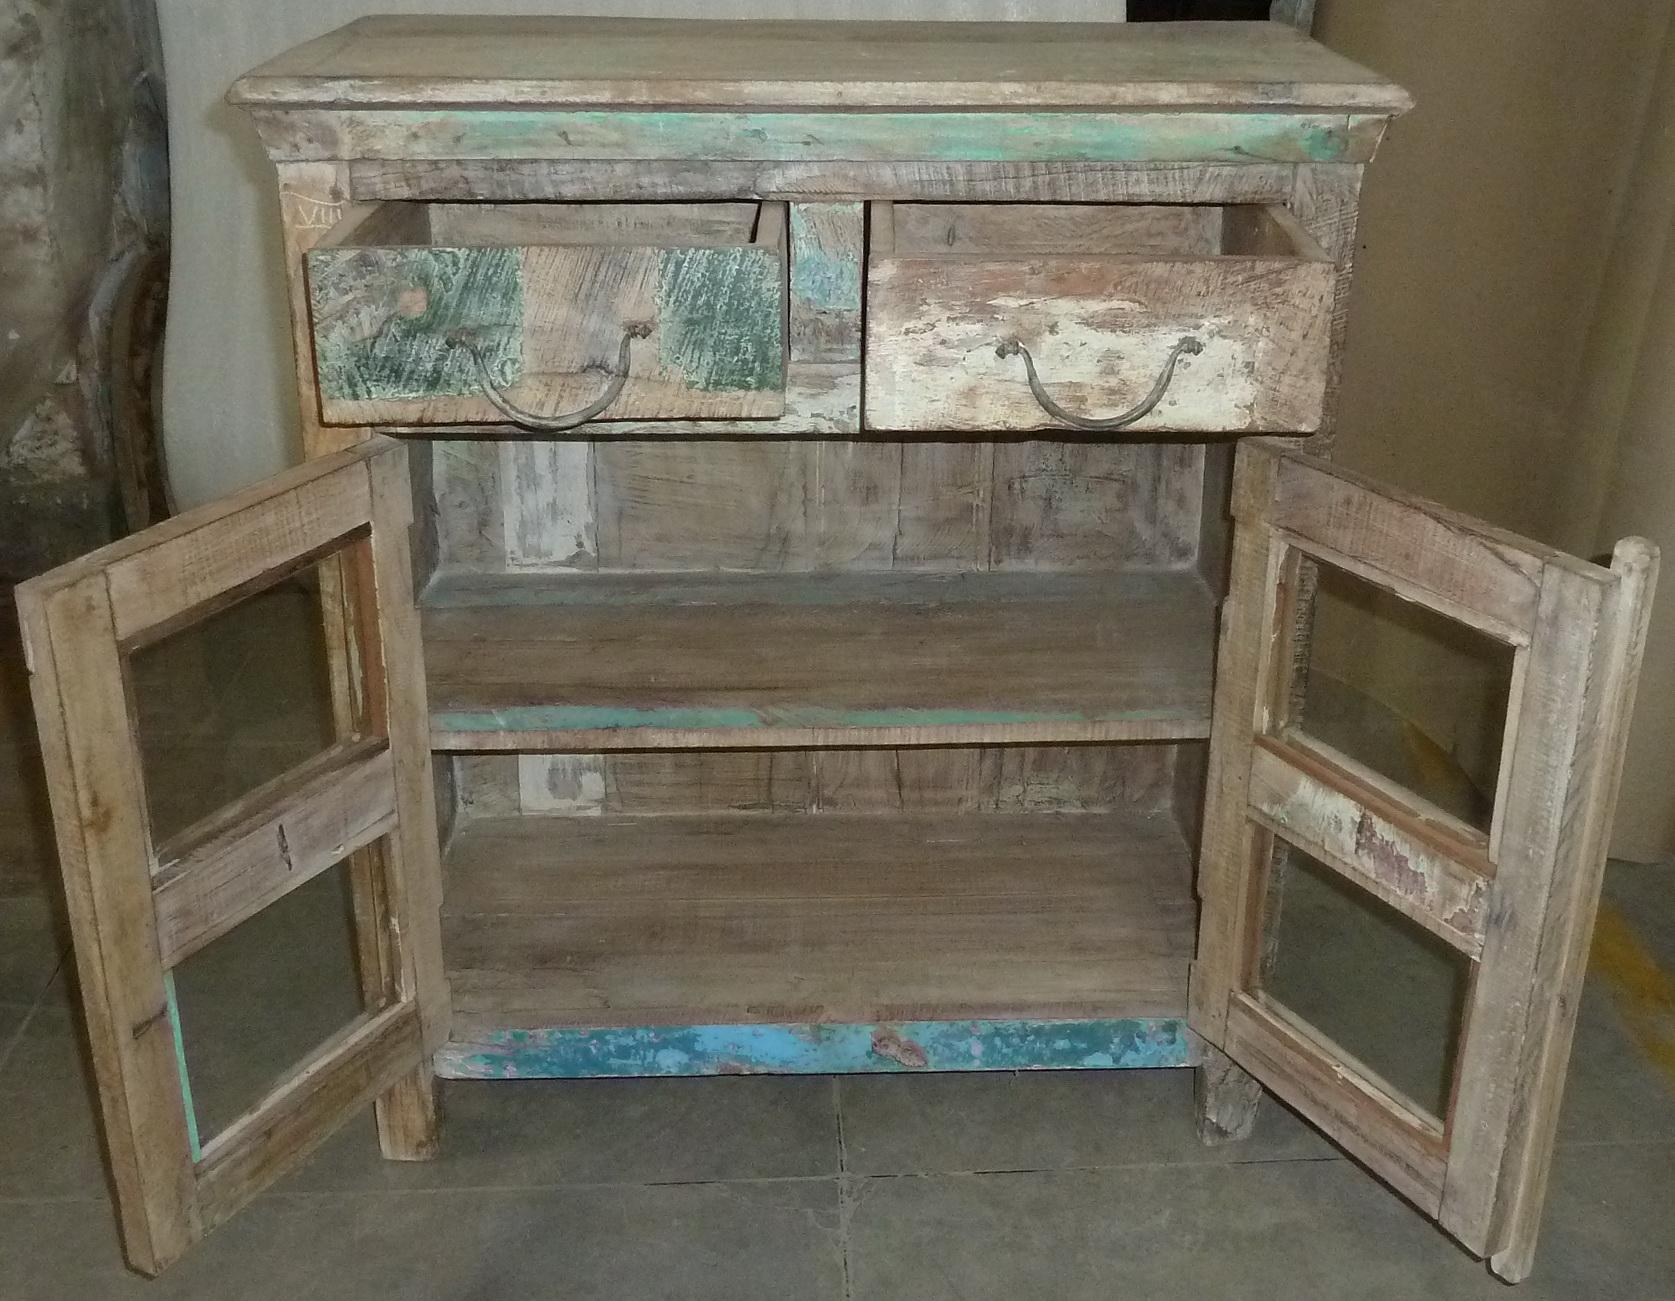 kommode sideboard mit glast ren vintage design. Black Bedroom Furniture Sets. Home Design Ideas